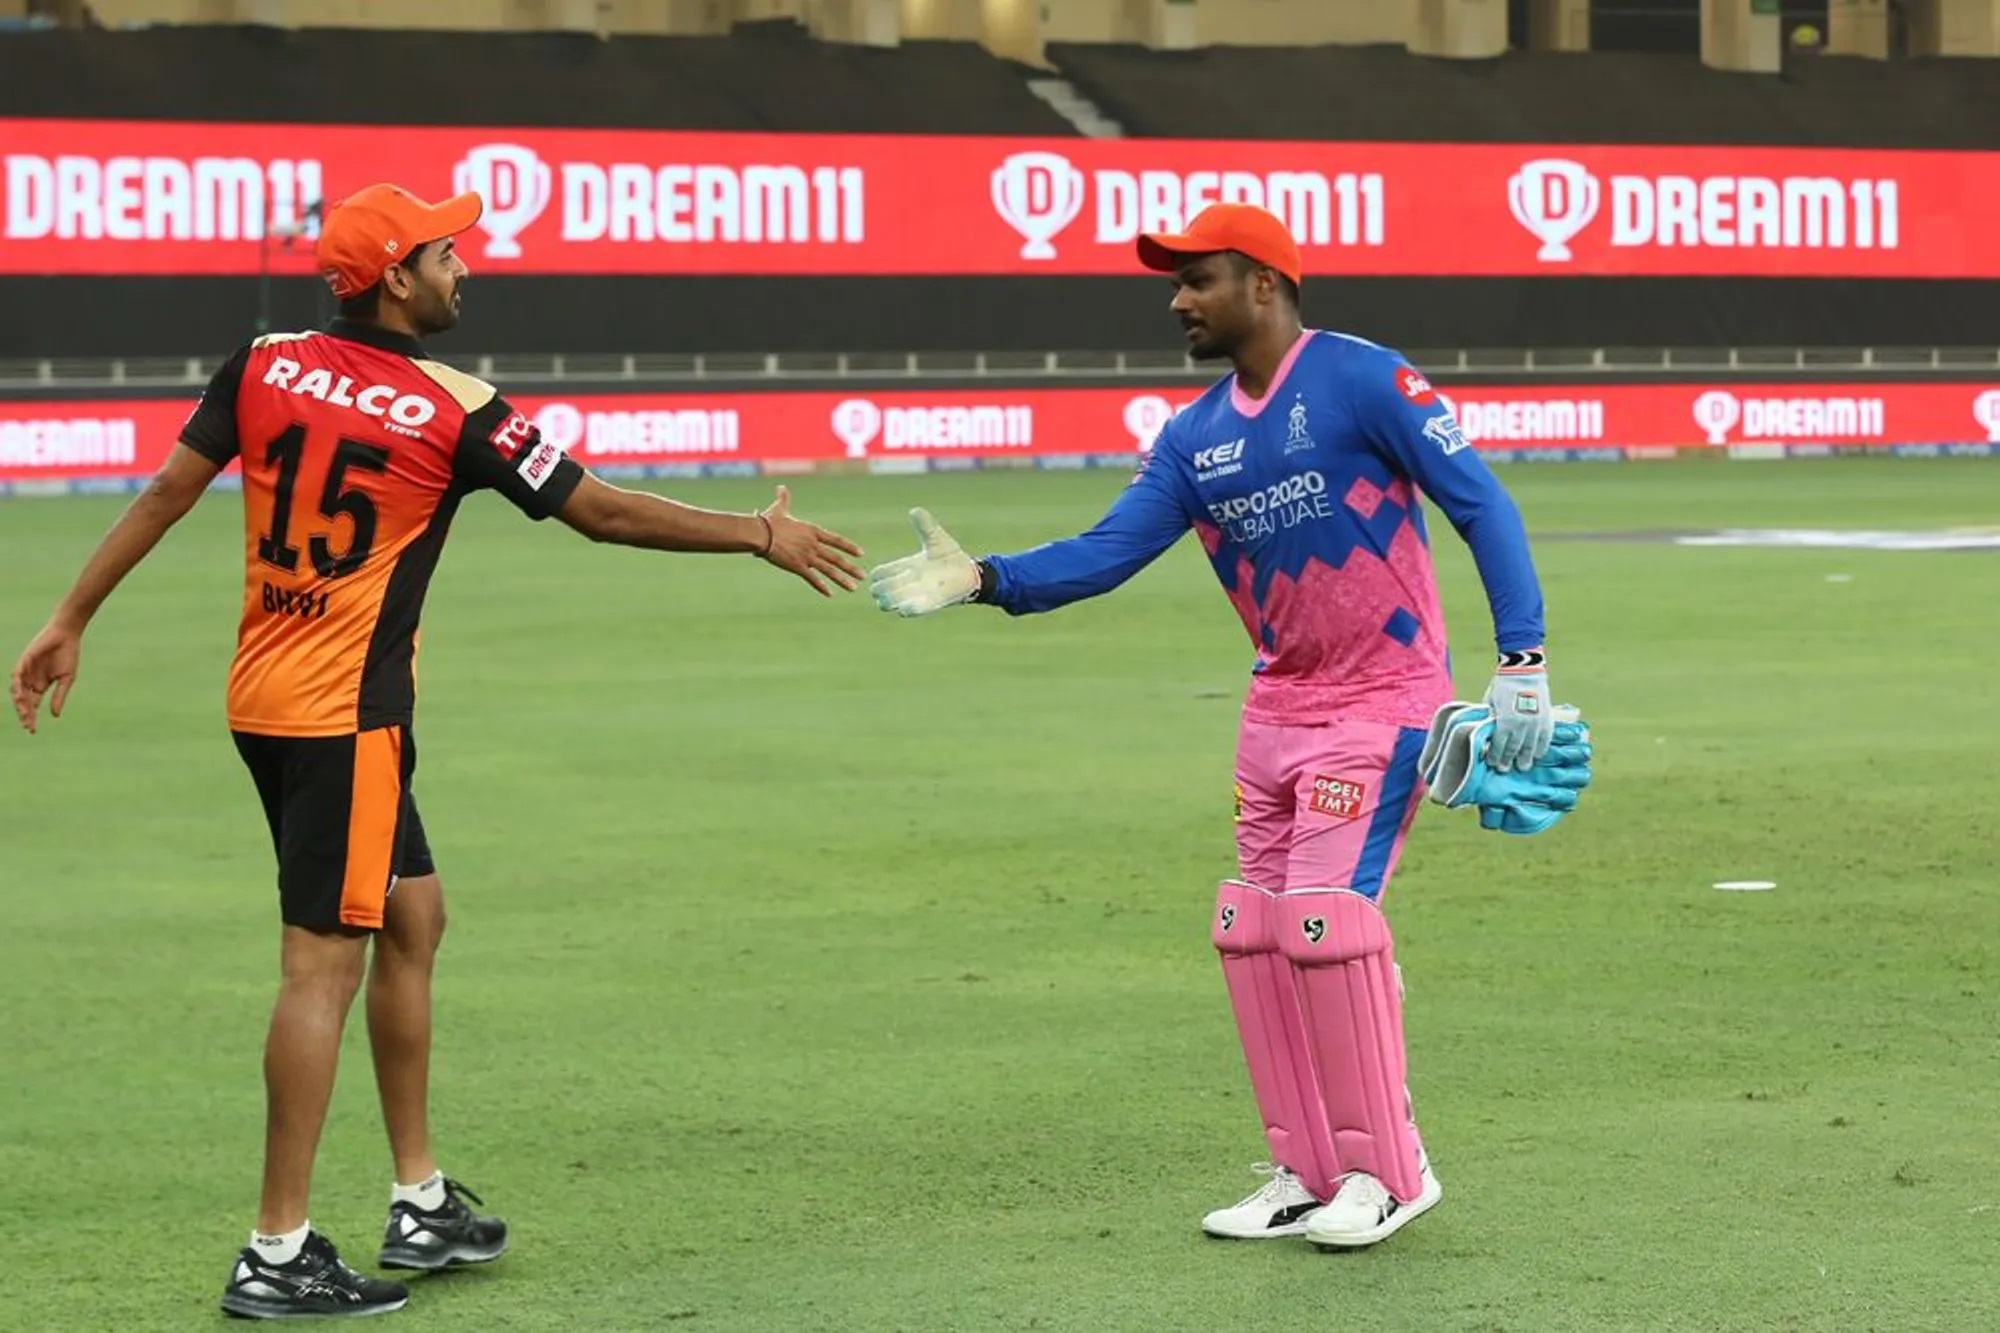 और ये मैच खत्म होने के बाद का वह लम्हा है जब राजस्थान रॉयल्स हार चुकी थी और कप्तान संजू विपक्षी टीम से हाथ मिला रहे थे। इस दौरान आप भुवनेश्वर के चेहरे पर मुस्कुराहट देख सकते हैं। असल में ये एकदम वैसा ही था कि- हम डूबे तो हैं सनम, तुमको भी ले डूबेंगे।